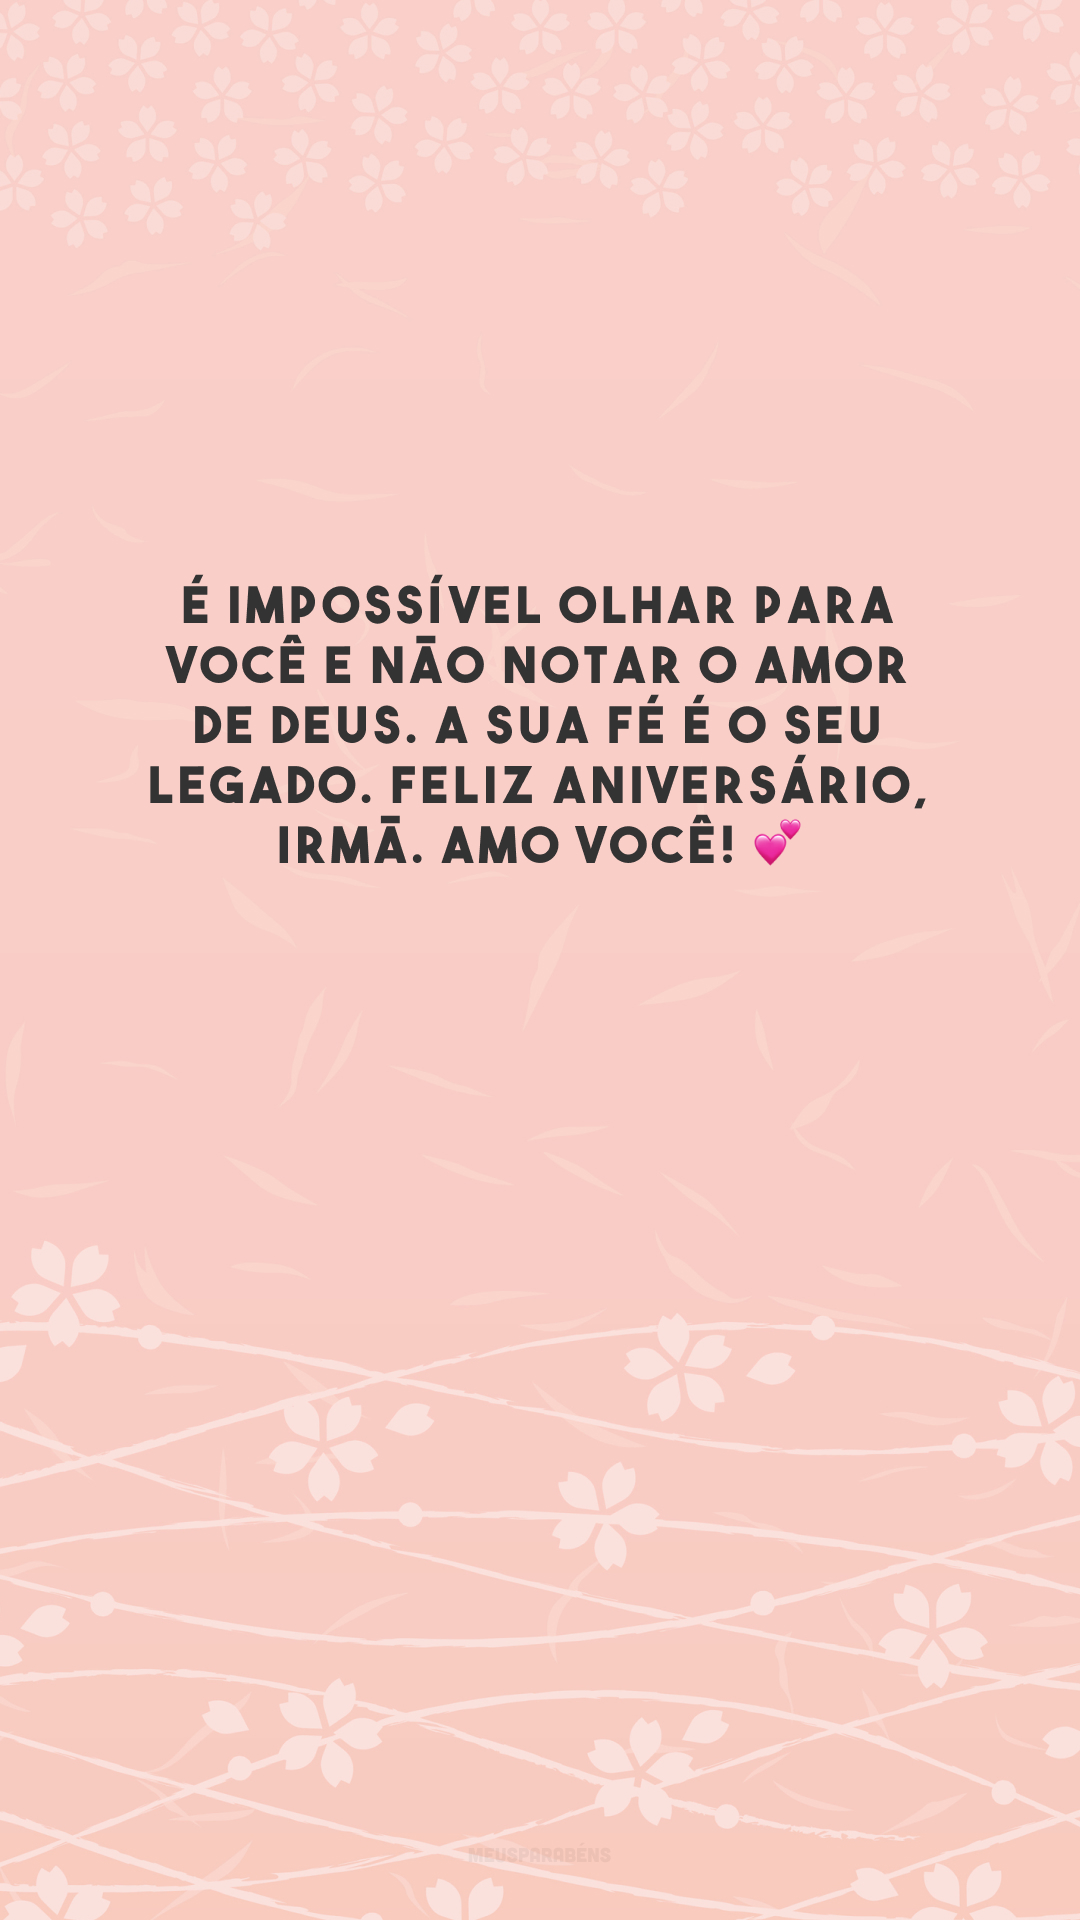 É impossível olhar para você e não notar o amor de Deus. A sua fé é o seu legado. Feliz aniversário, irmã. Amo você! 💕